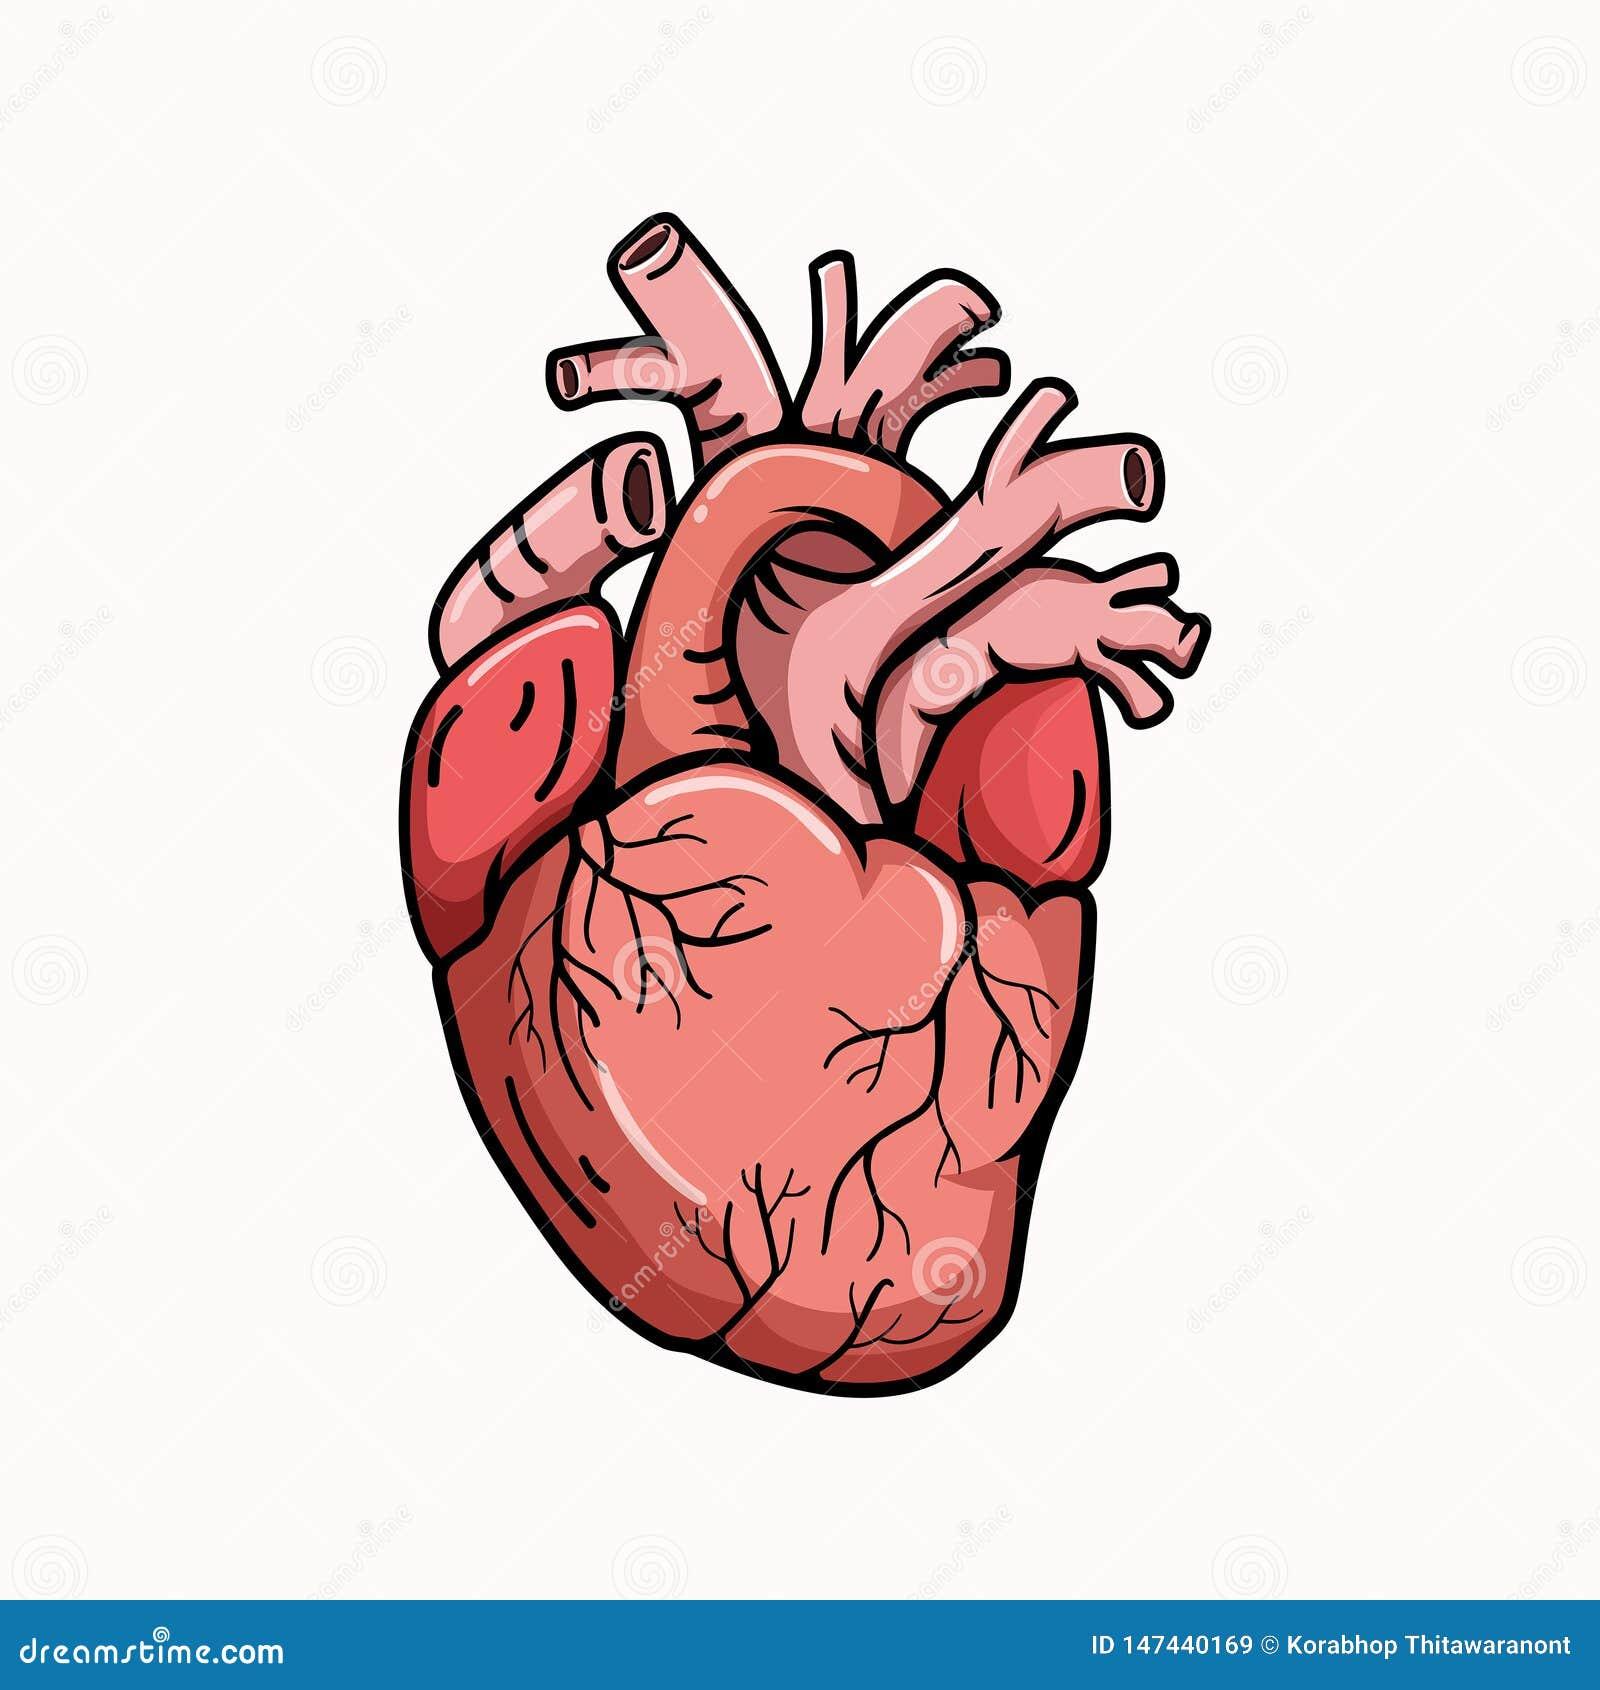 De illustratiestijl van de hart echte vorm